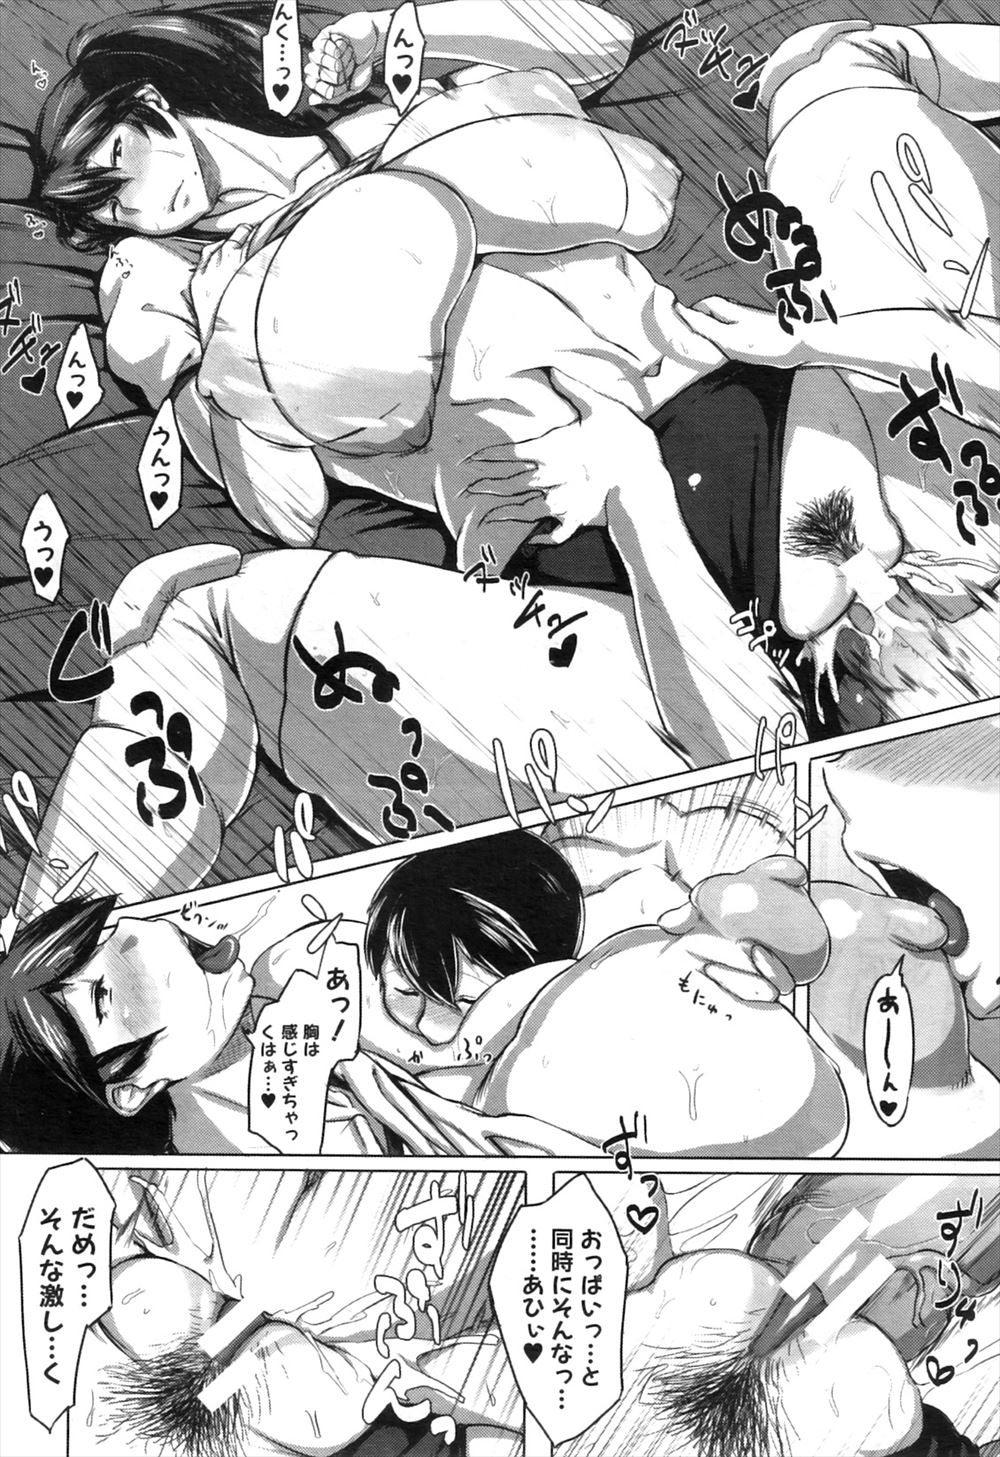 【エロ漫画】バレー部のムチムチな姉のことが好きな男子が体育倉庫で二人きりになり勃起がバレて姉弟セックスに! 022